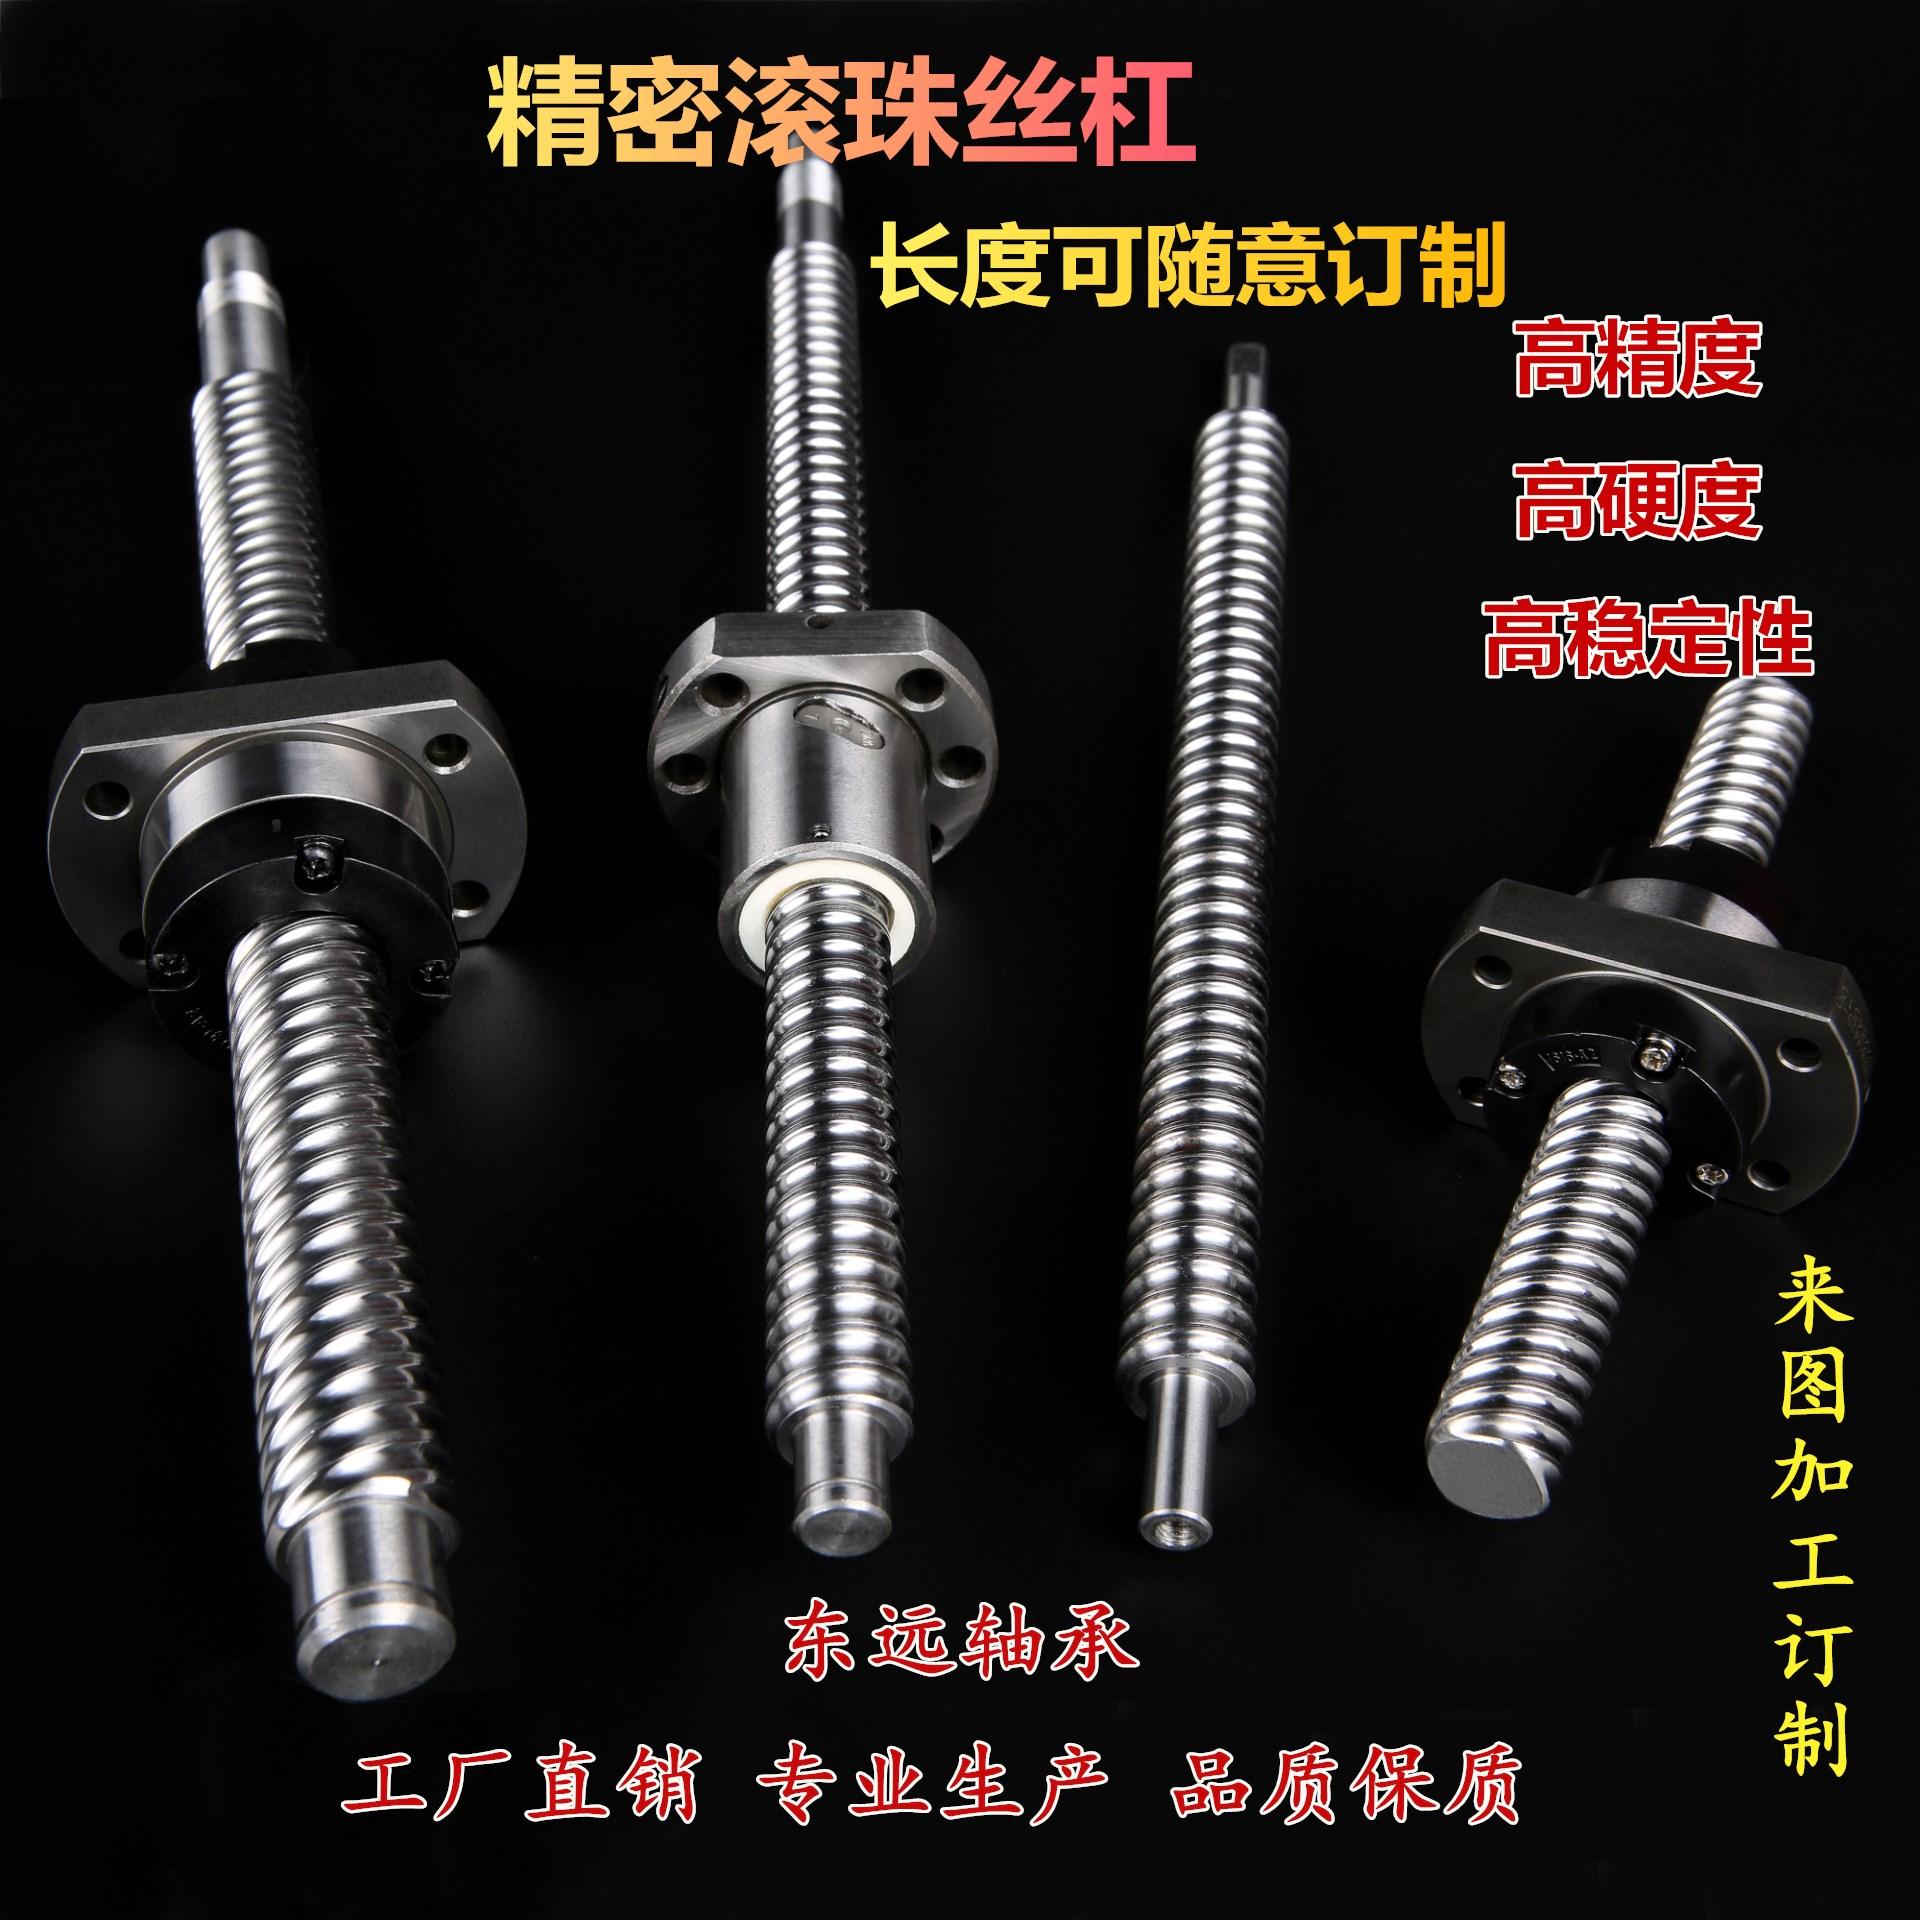 精密滚珠丝杆1204 1605 2005 2505 3205 3210金属返向器丝杆螺母